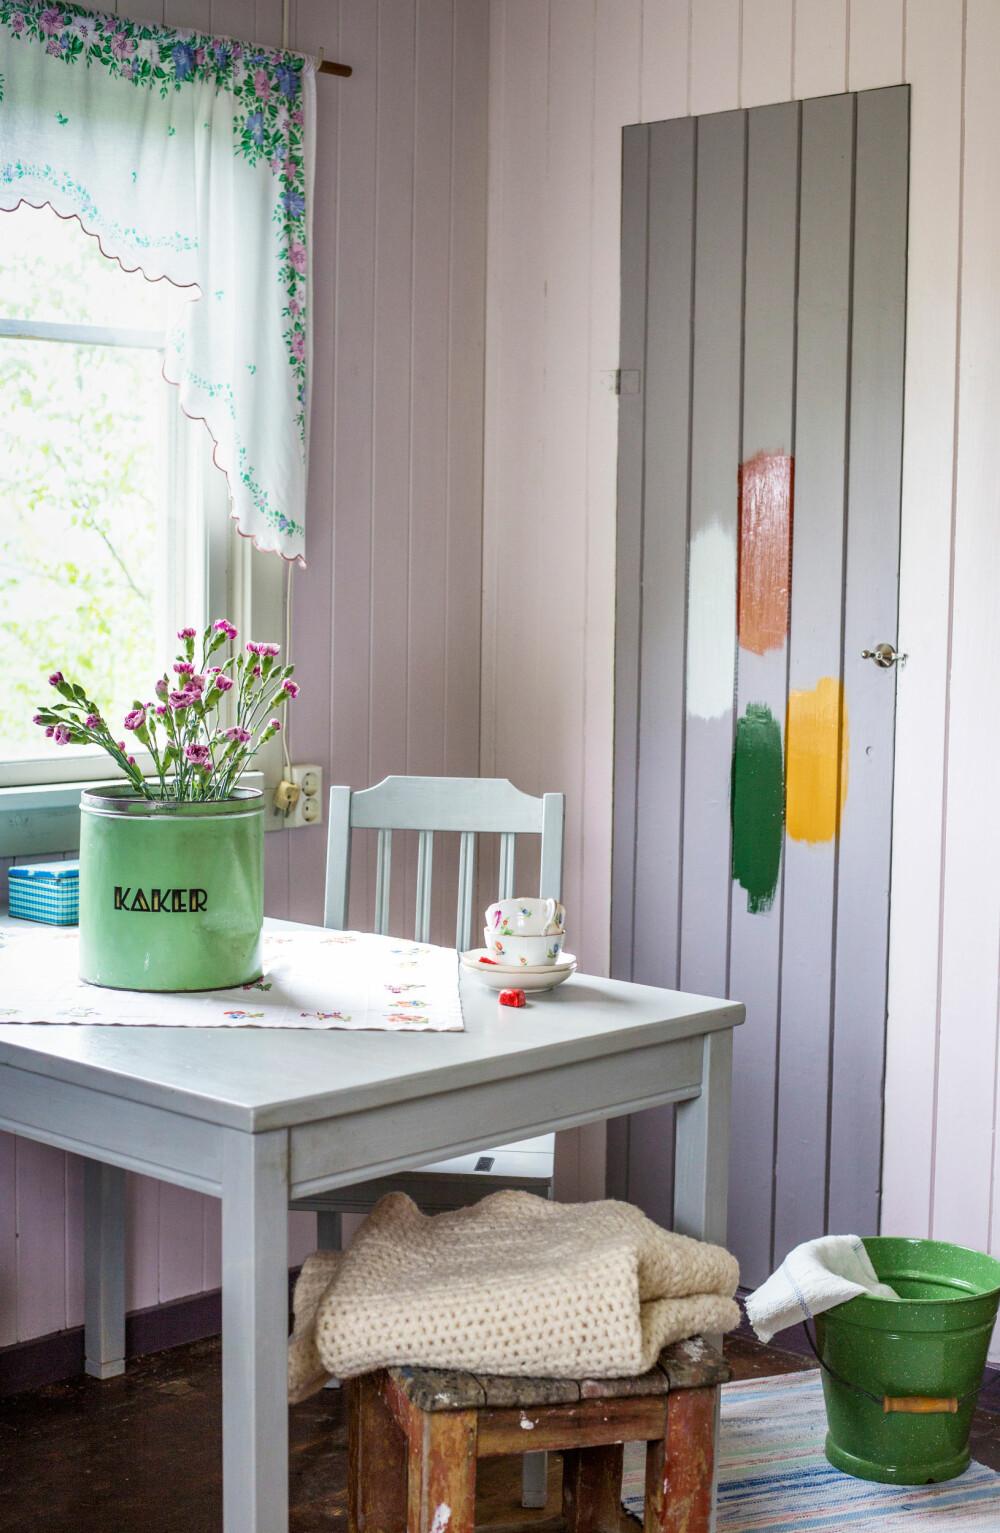 MALINGSTEST: Vi har malt forskjellige prøvestrøk med linoljefarger fra Engwall O. Claesson: engelsk rød, vagnsgrønn og okergul, før vi skal bestemme oss for hvilken farge det plassbygde skapet skal få. Der de selger linoljemaling kan de hjelpe deg med hvilke farger som er tidstypisk riktige for ditt hus.